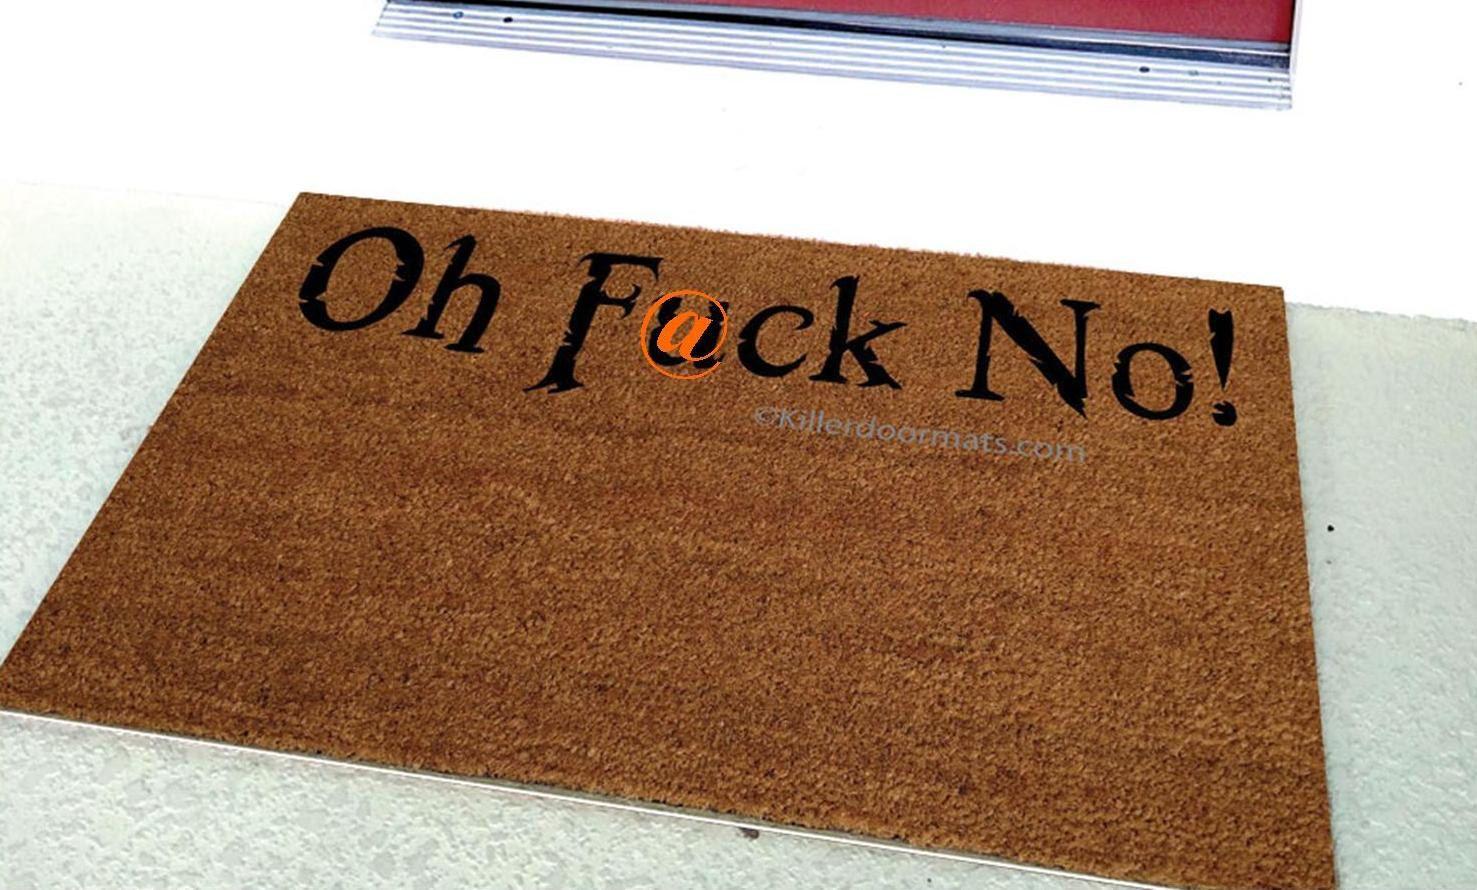 pin killerdoormats welcome customized oh killer no by doormat mat fuck custom mats